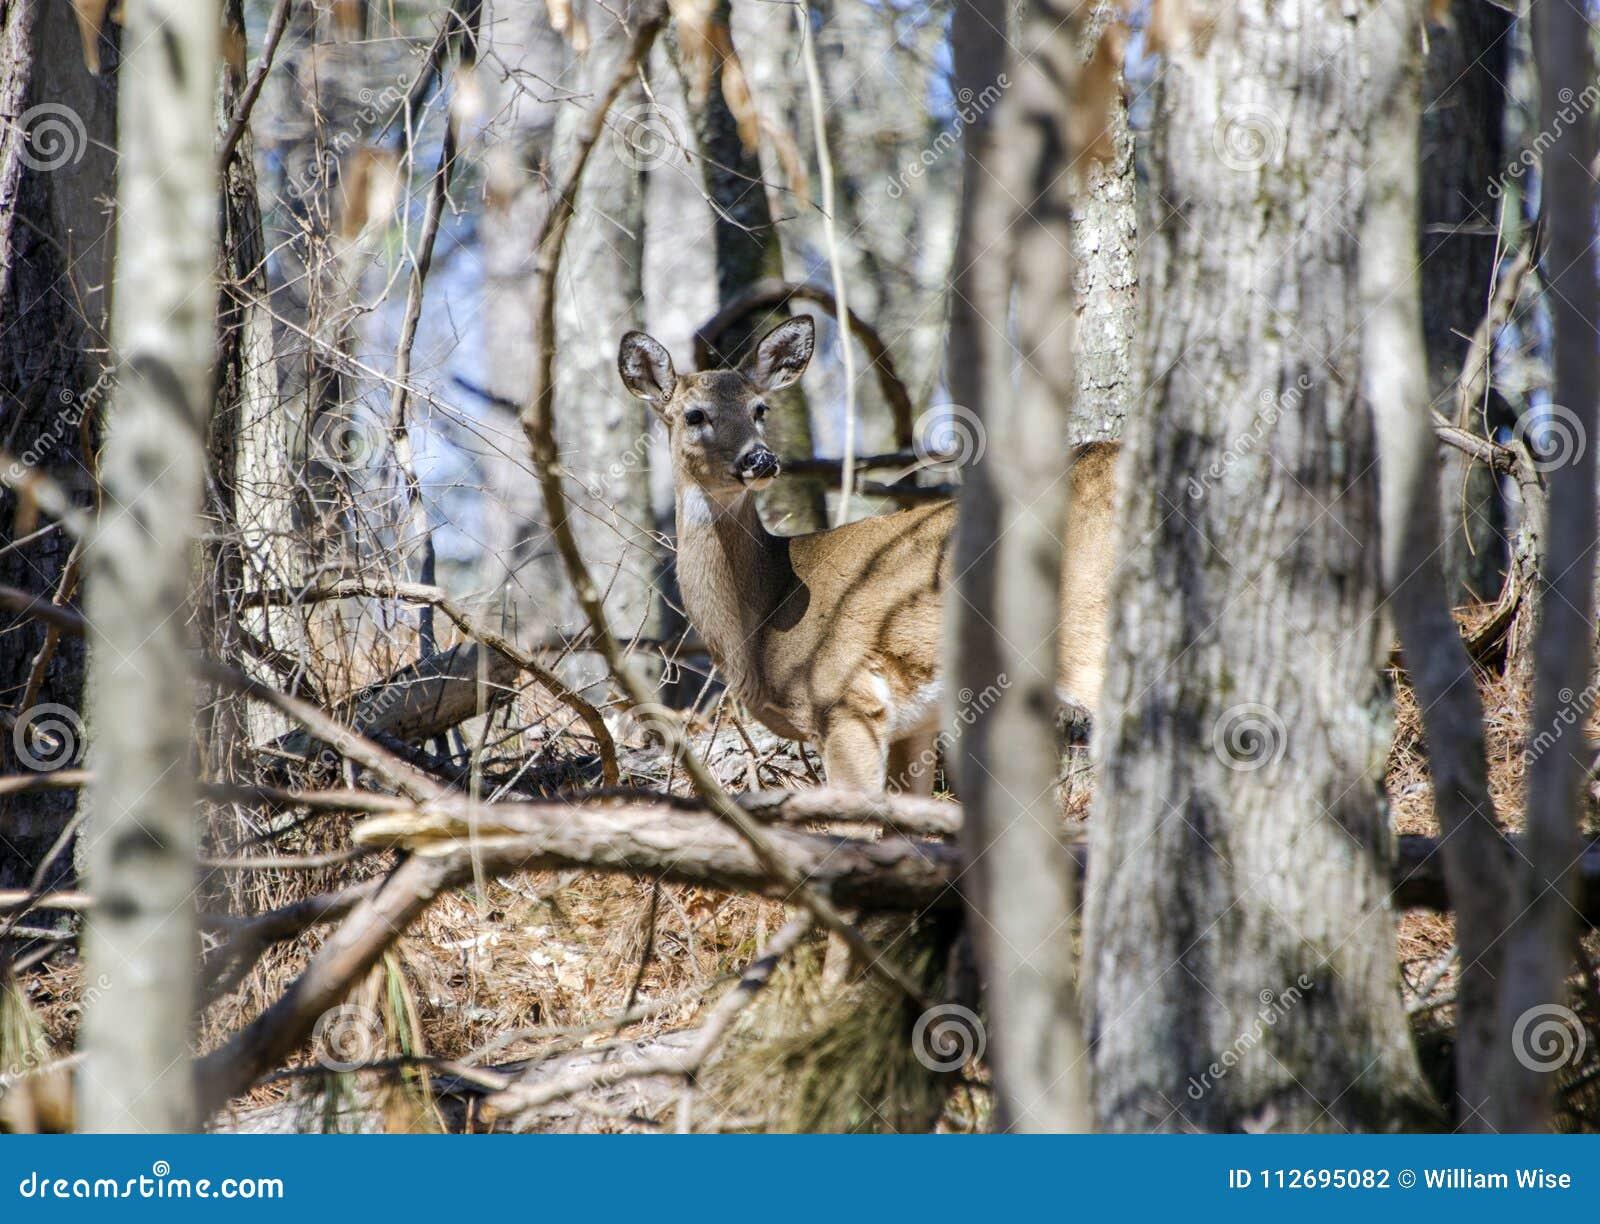 Hunt woods park